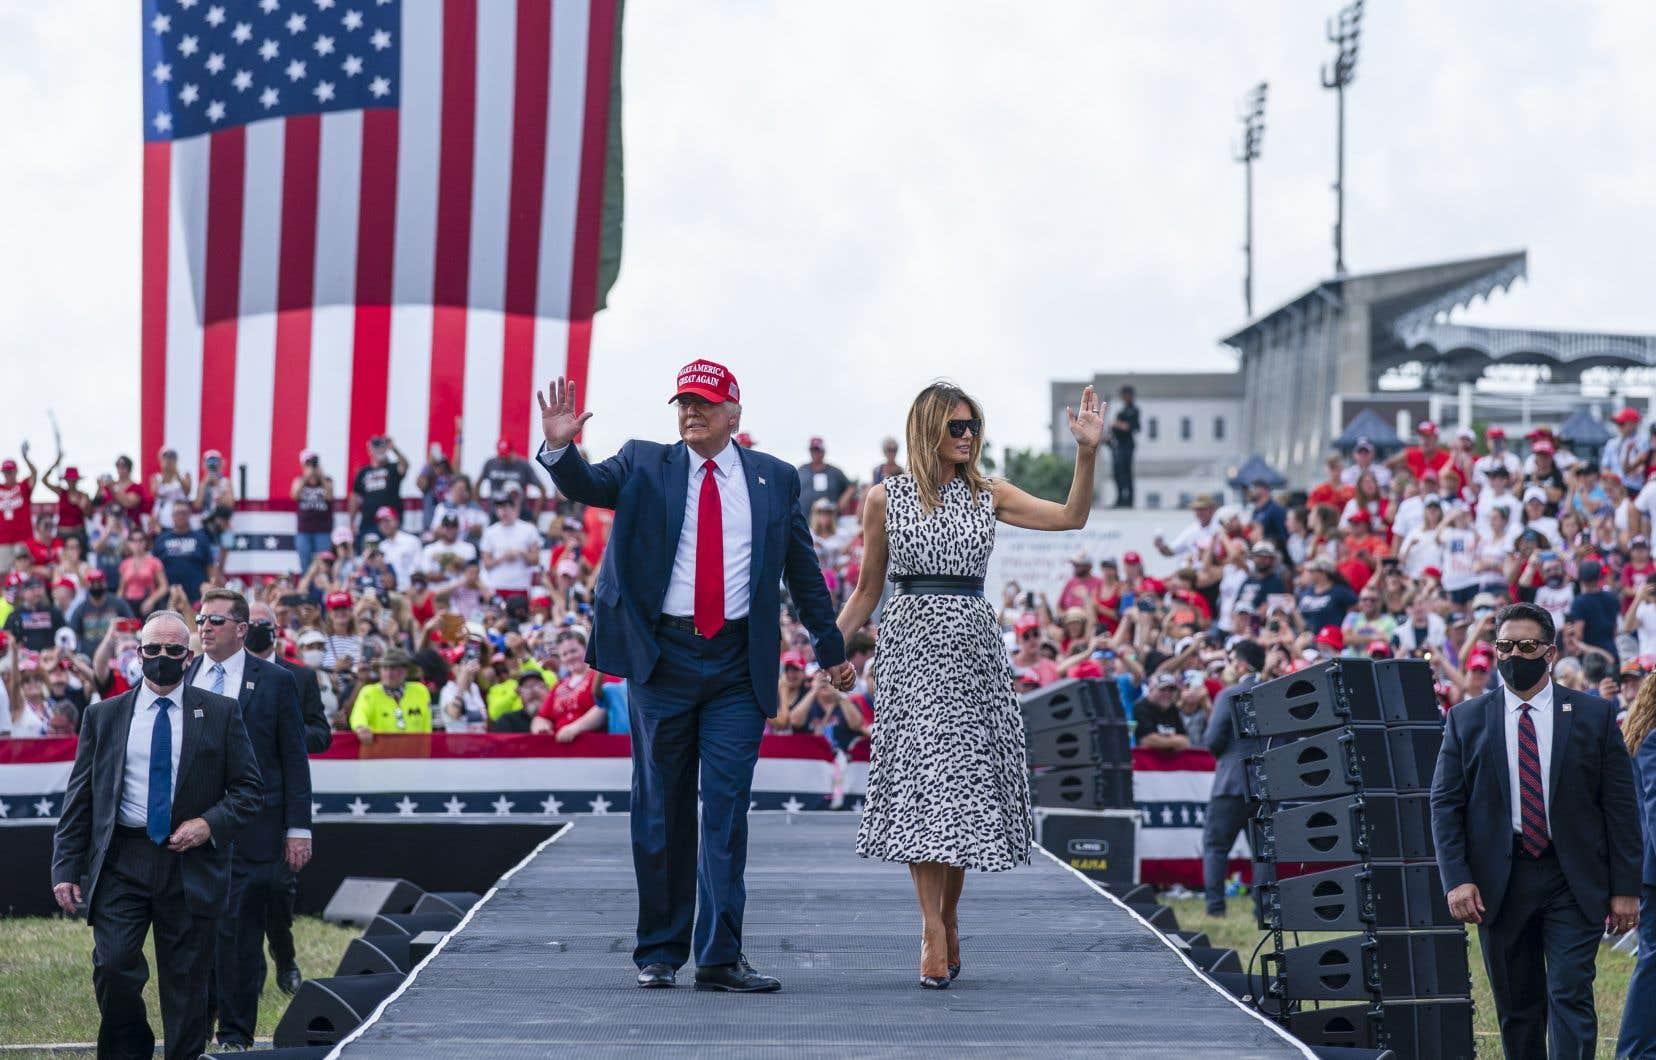 À Tampa Bay, Donald Trump était accompagné de sa femme, Melania, qui a fait une brève allocution.